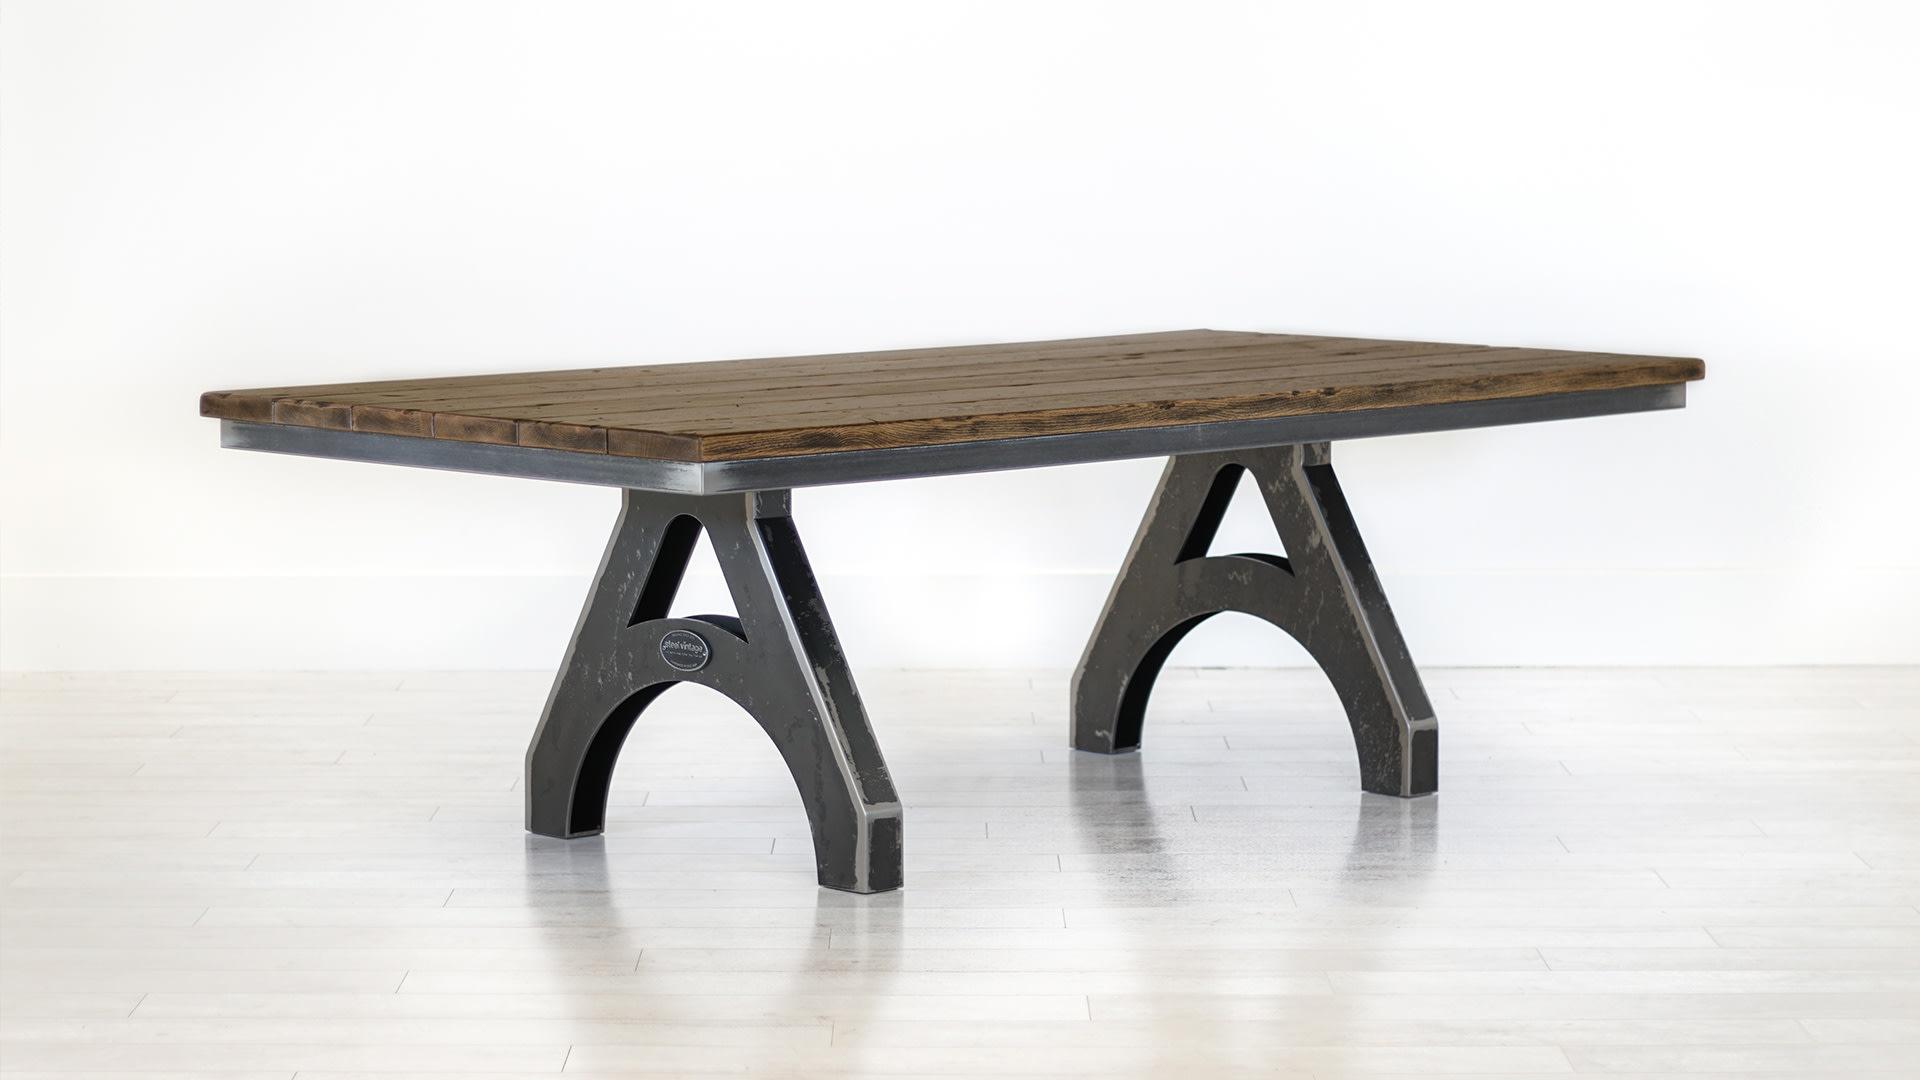 Steel Vintage wordsmith table